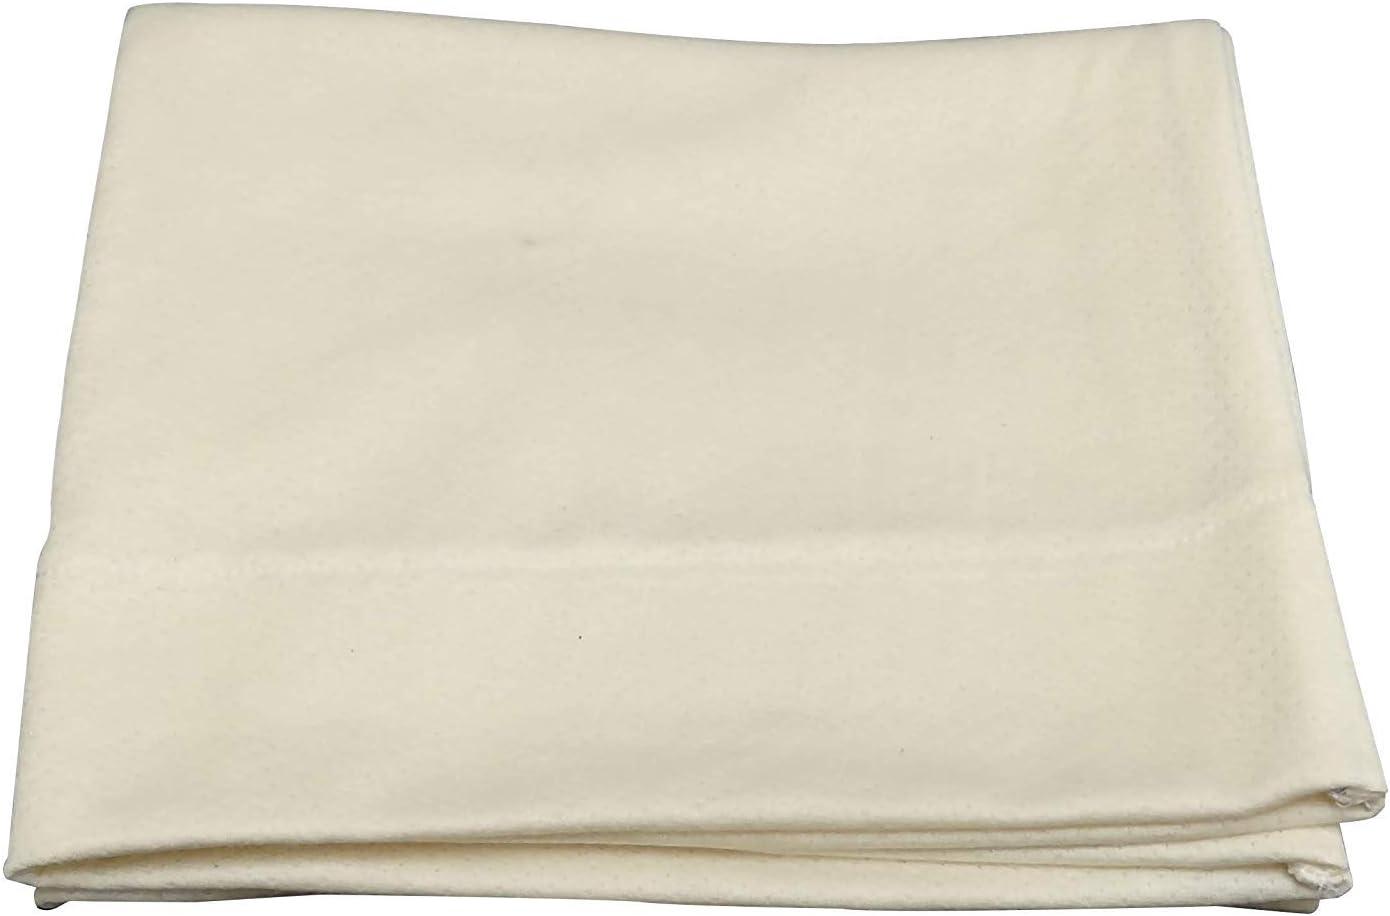 Almohada de algodón orgánico Tela de Punto elástico Transpirable Kool-Flow (niños): Amazon.es: Hogar